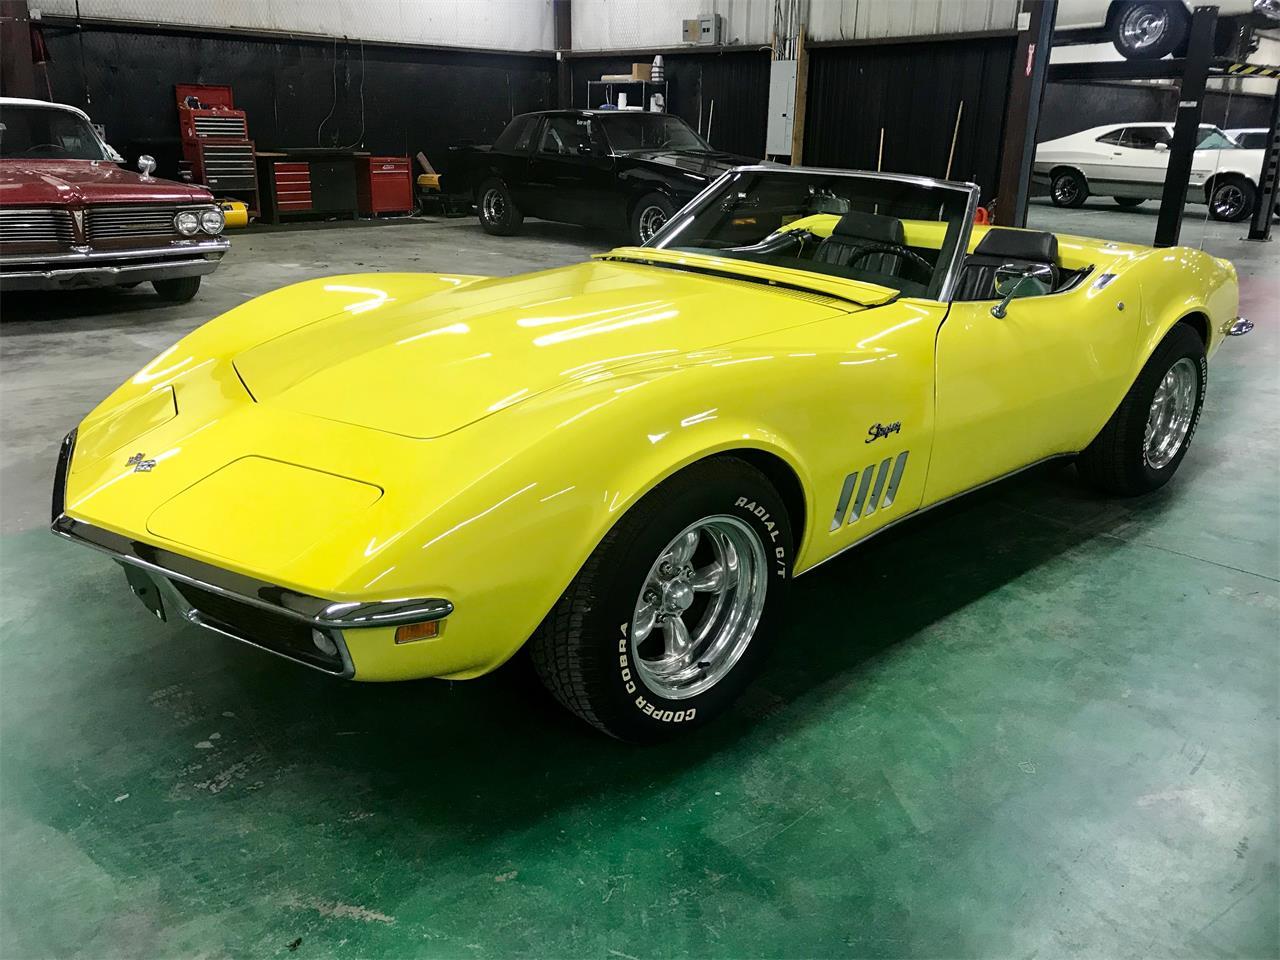 1969 Corvette For Sale >> 1969 Chevrolet Corvette For Sale Classiccars Com Cc 1144539